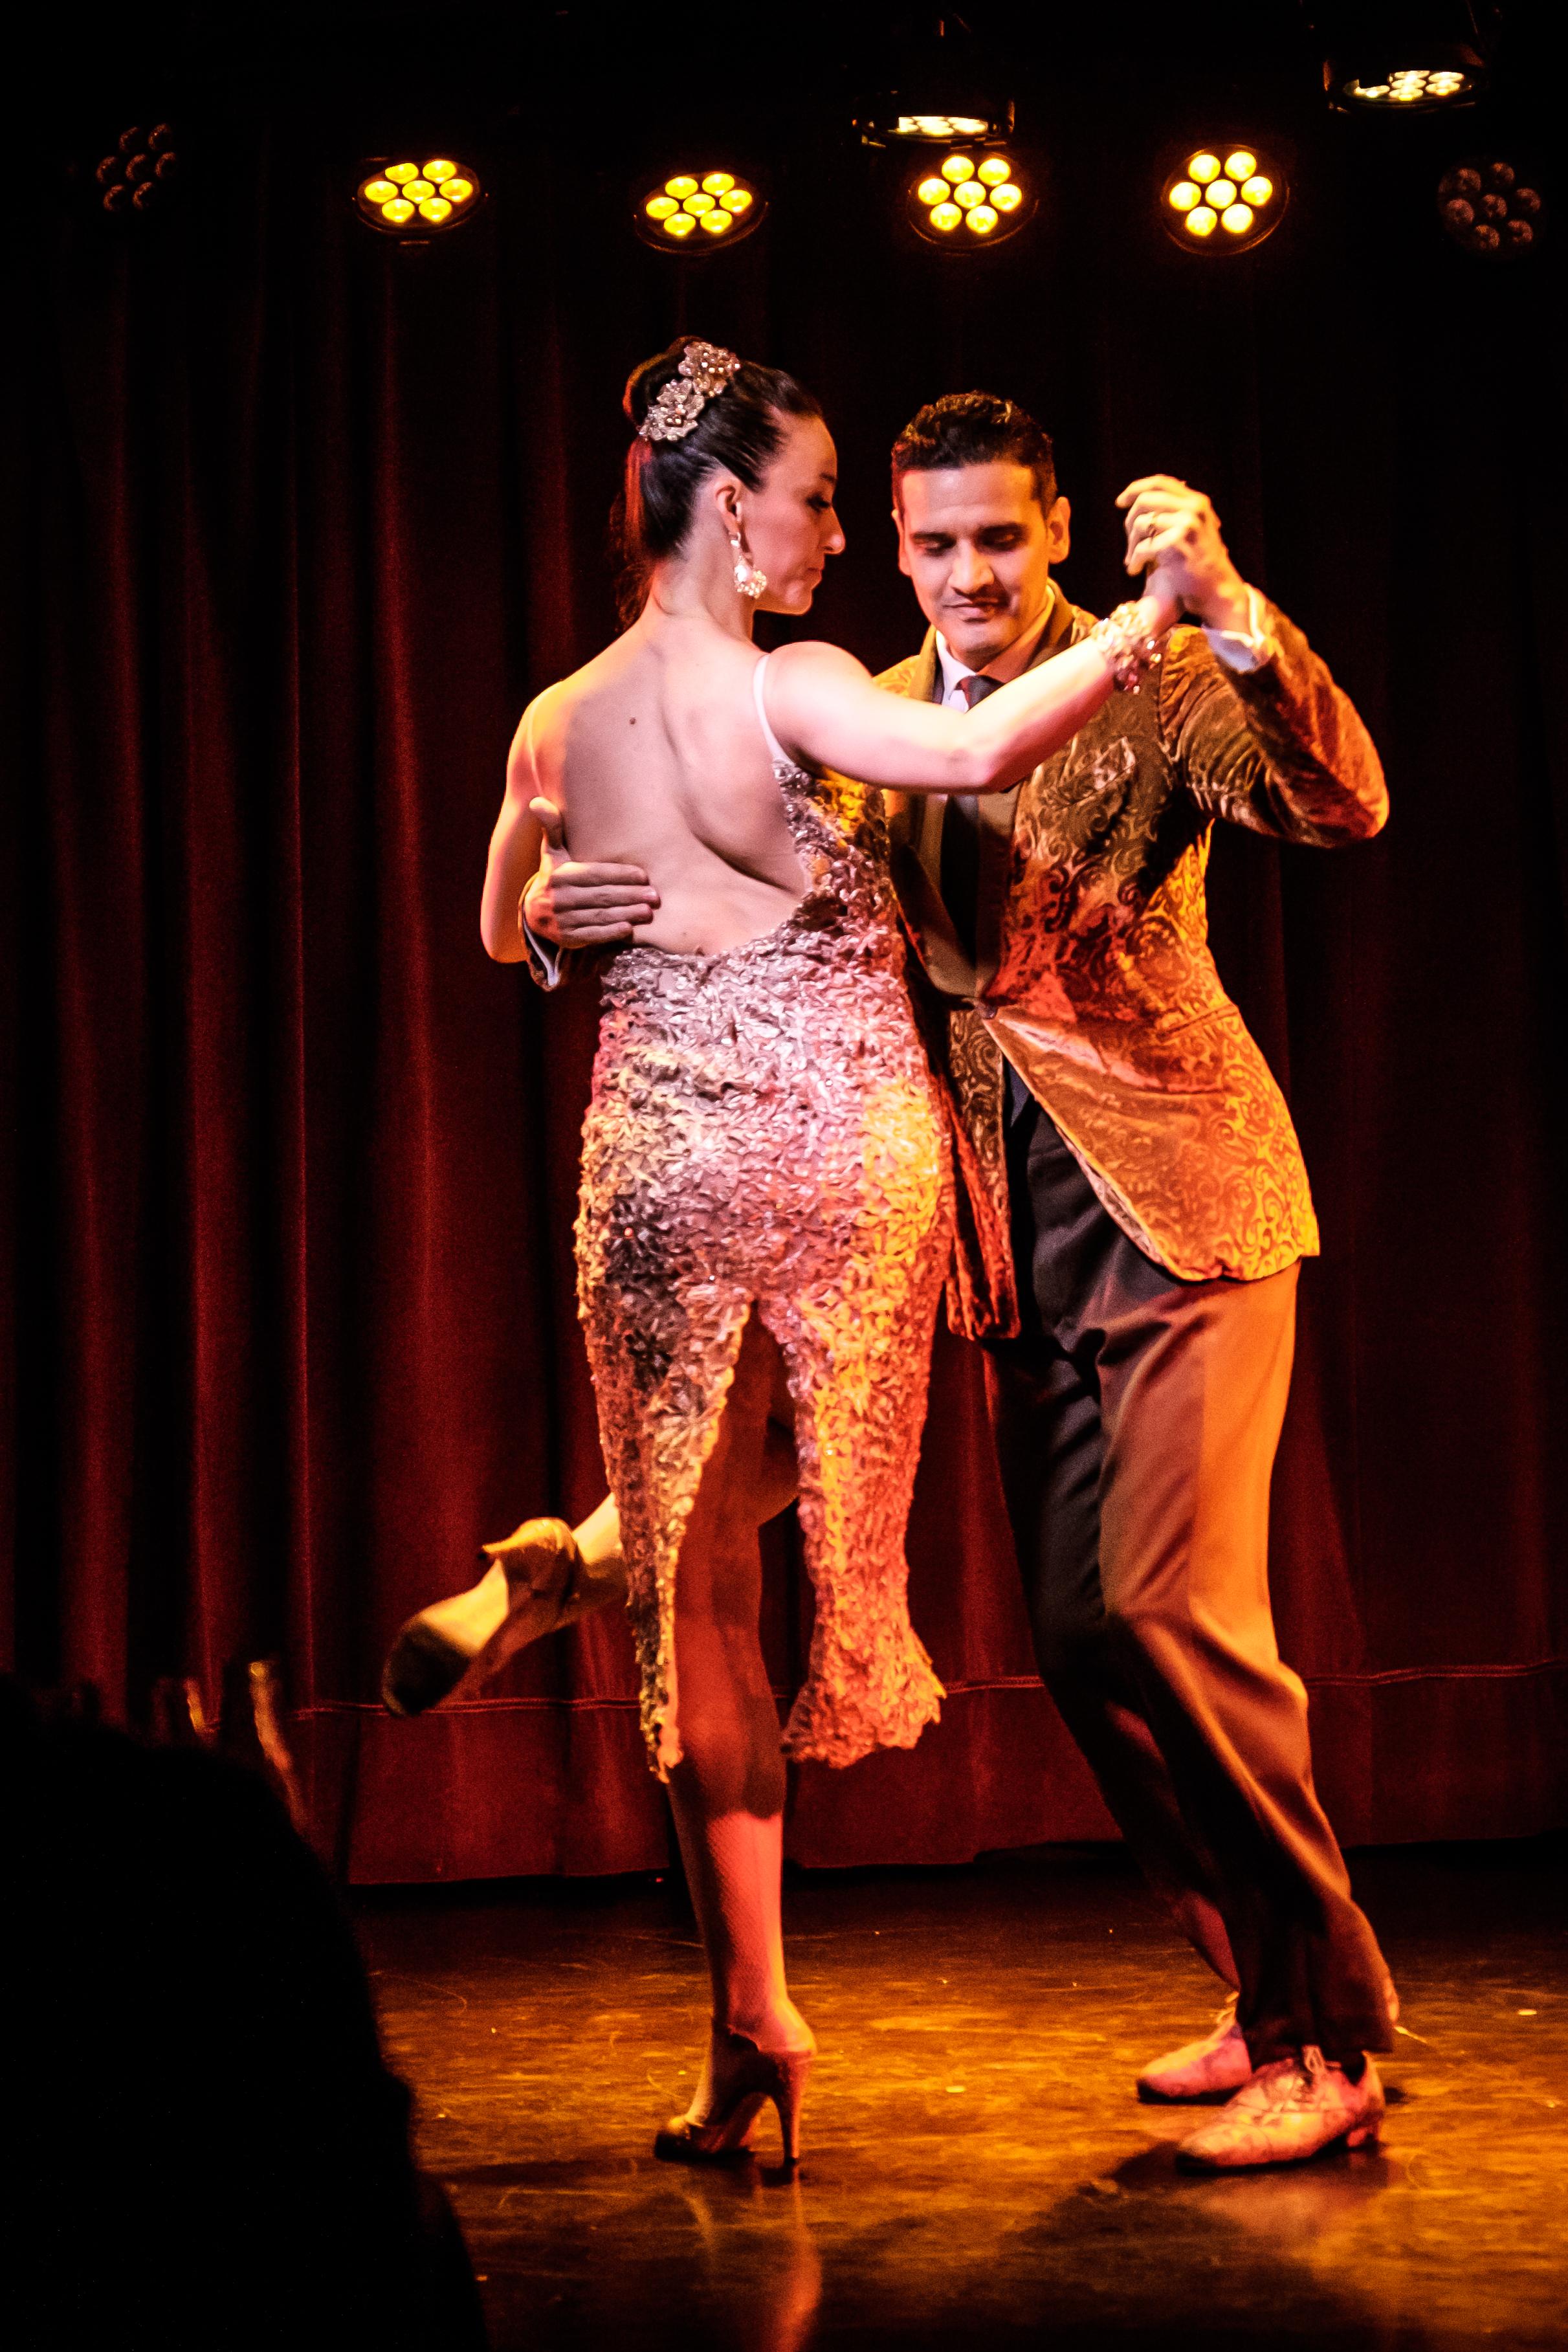 Tango at Faena